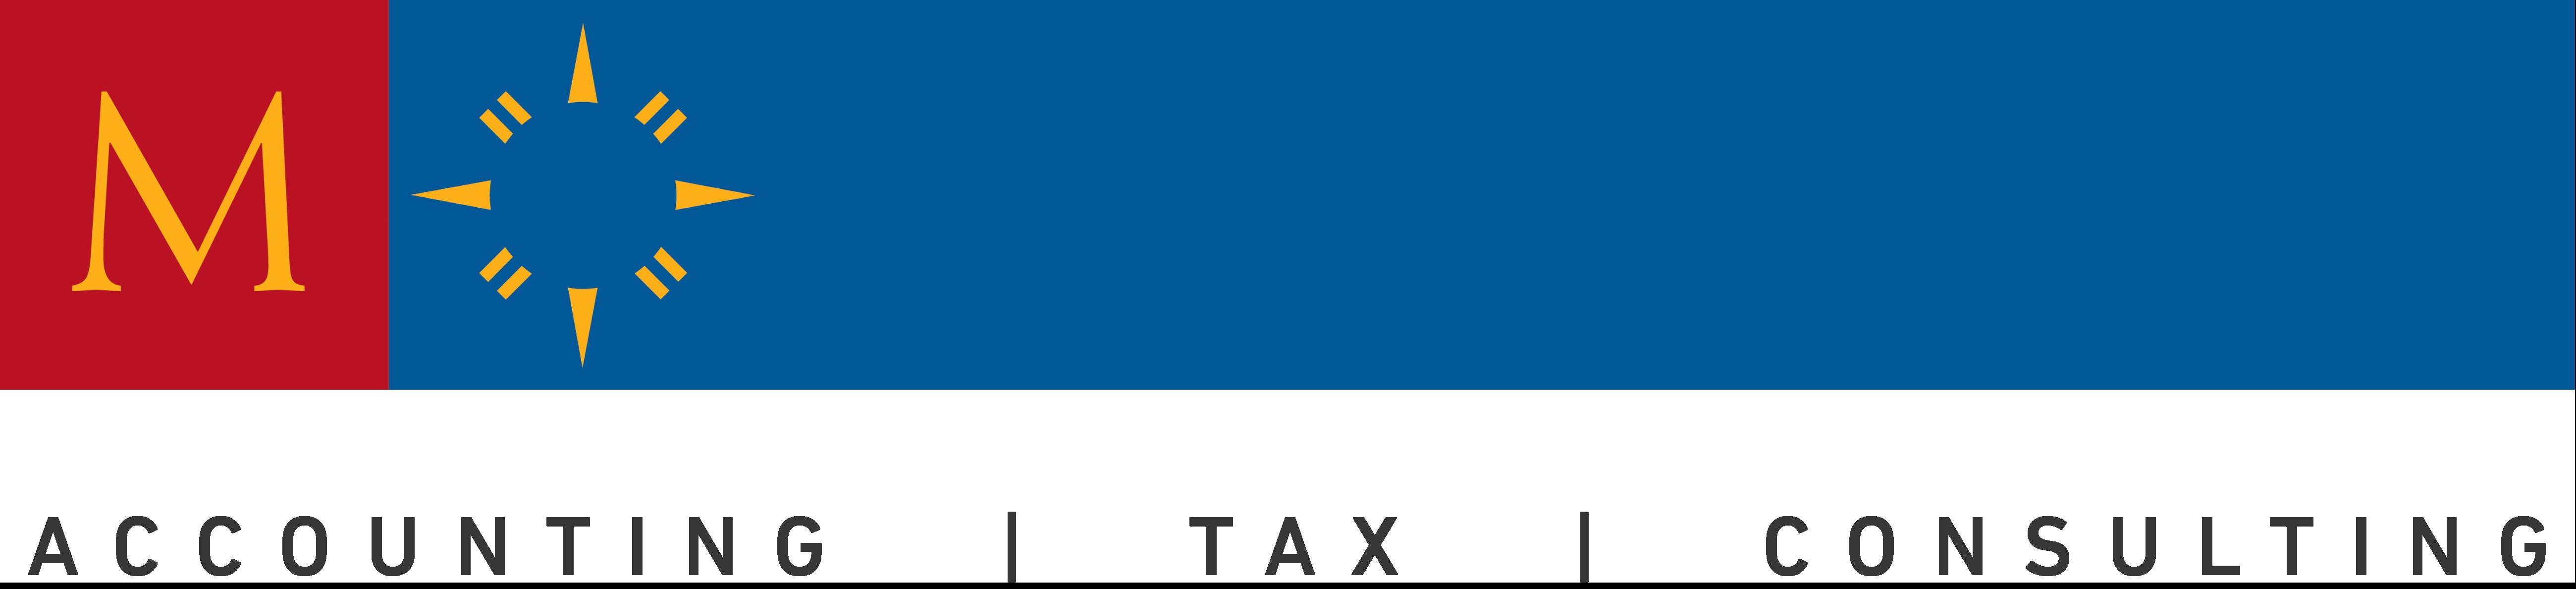 Mazar USA logo